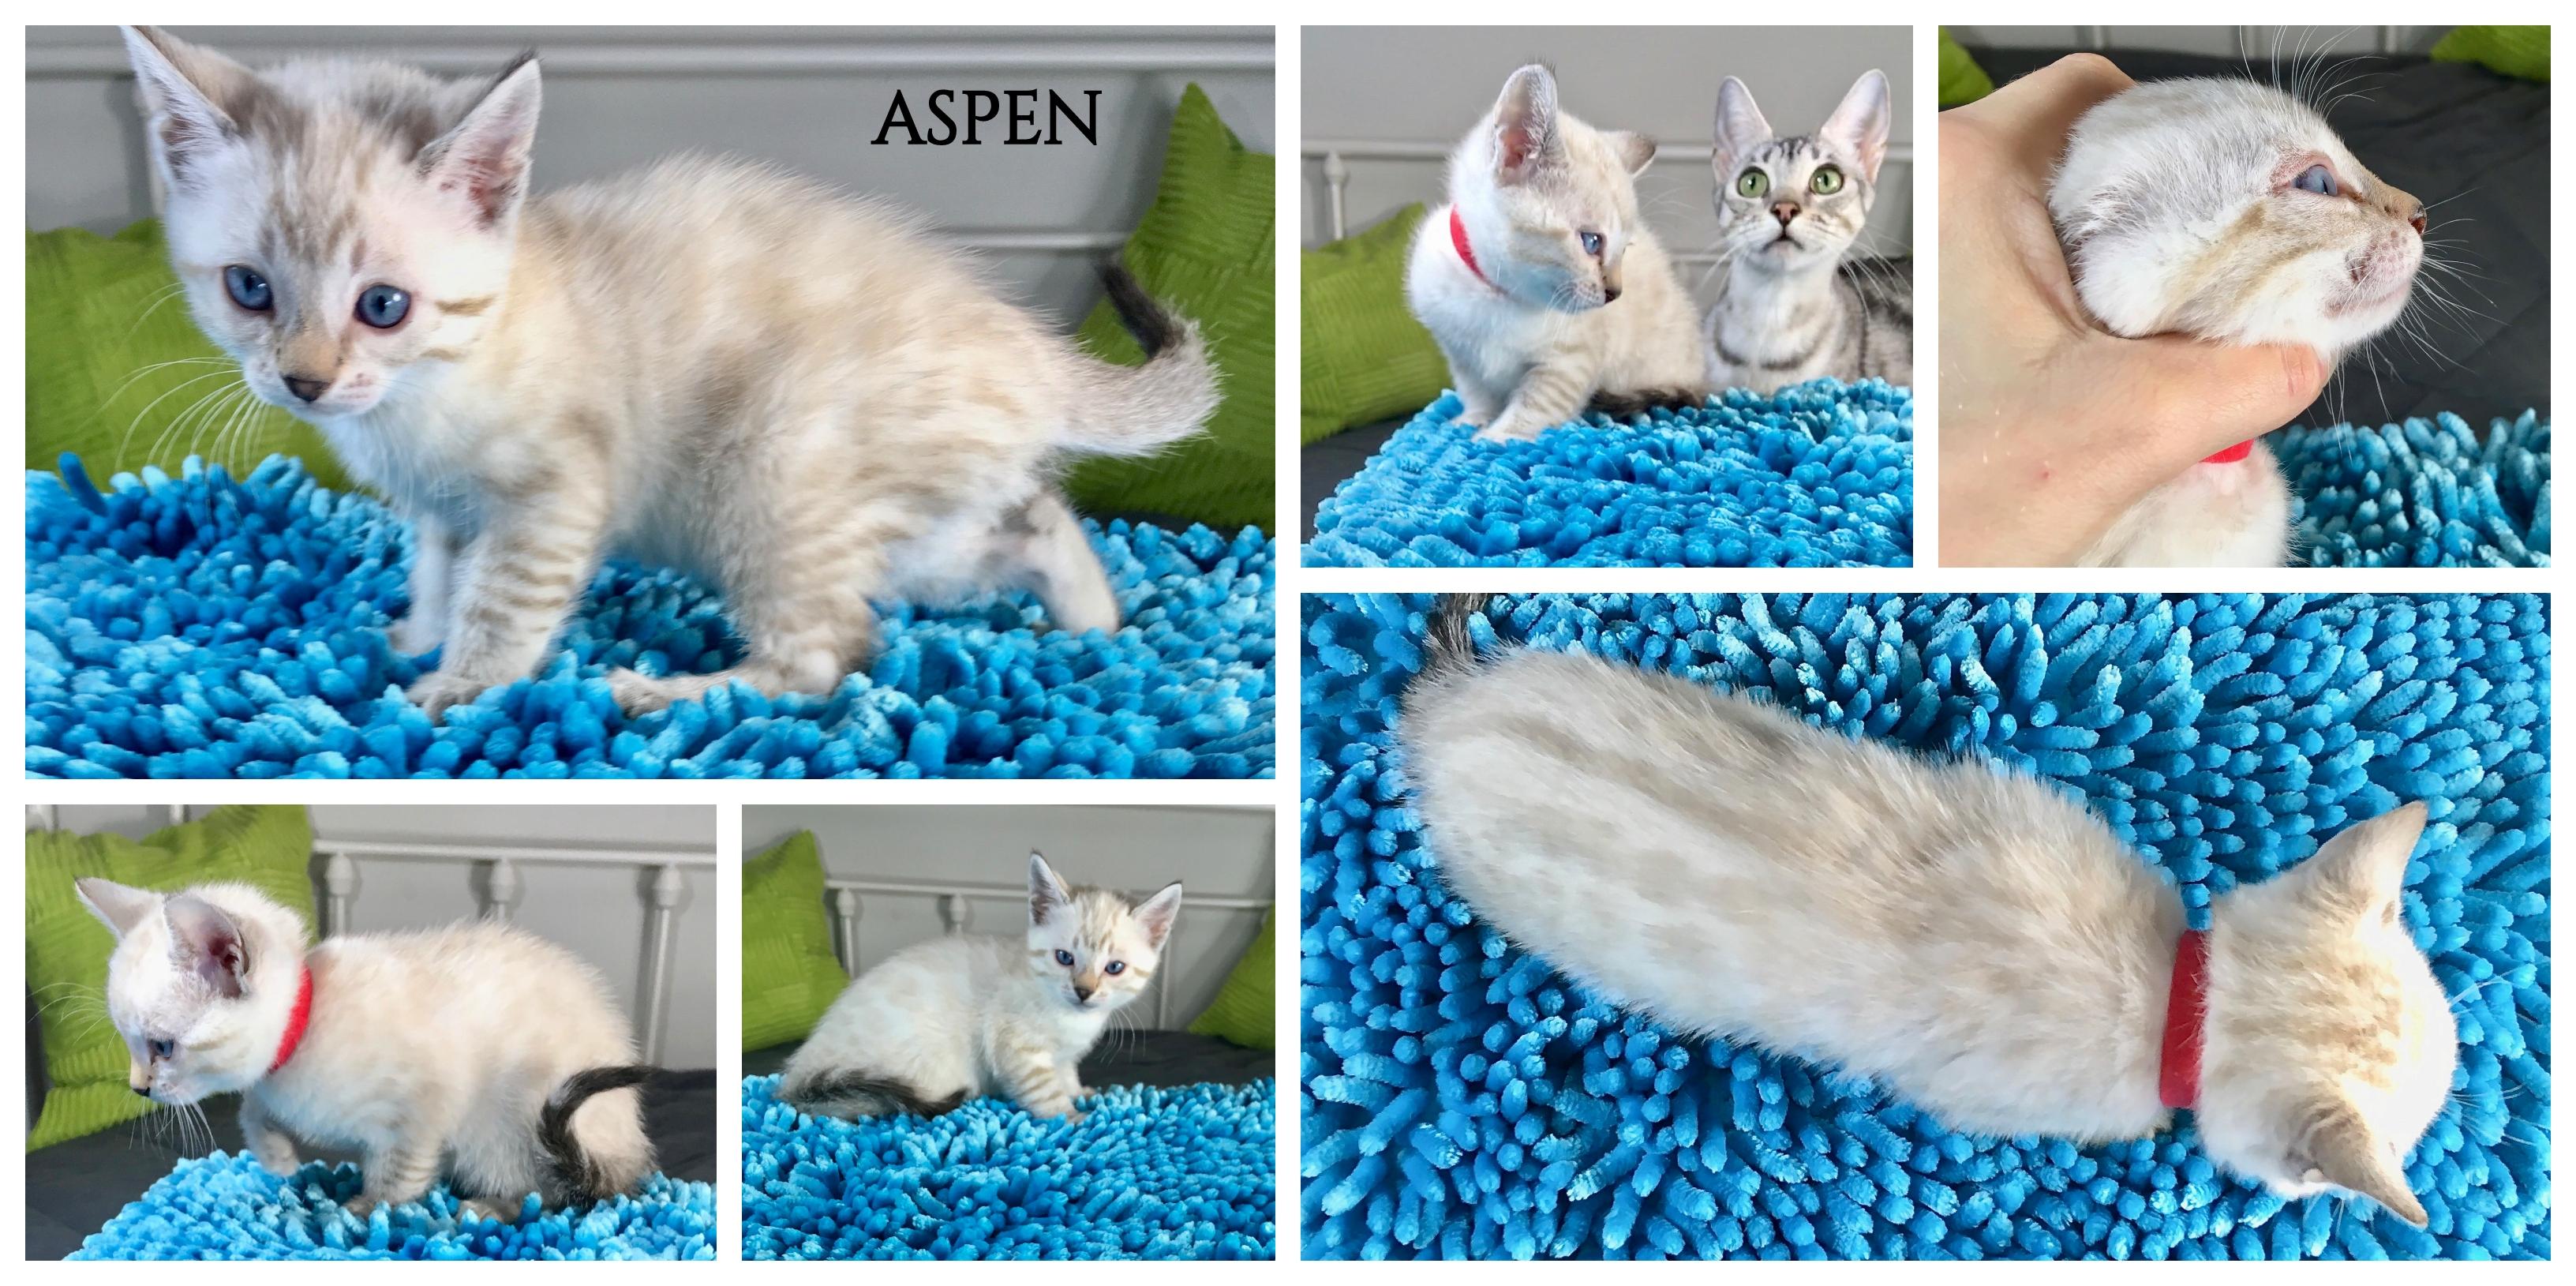 Aspen 6 weeks